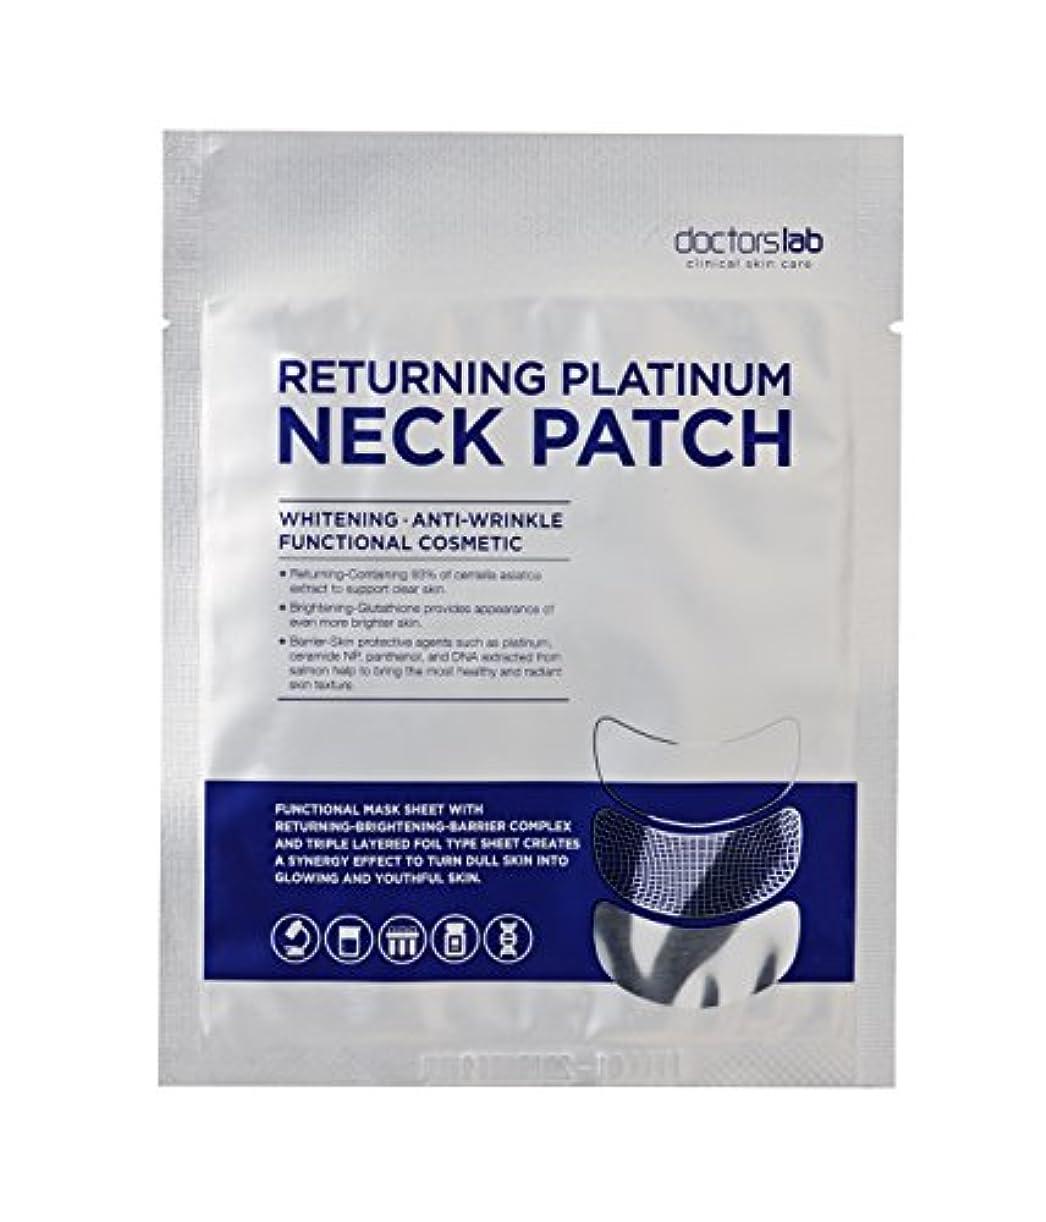 発疹面倒記念Doctor's Lab Clinical Skin Care 戻るプラチナネックパッチ 4本/箱